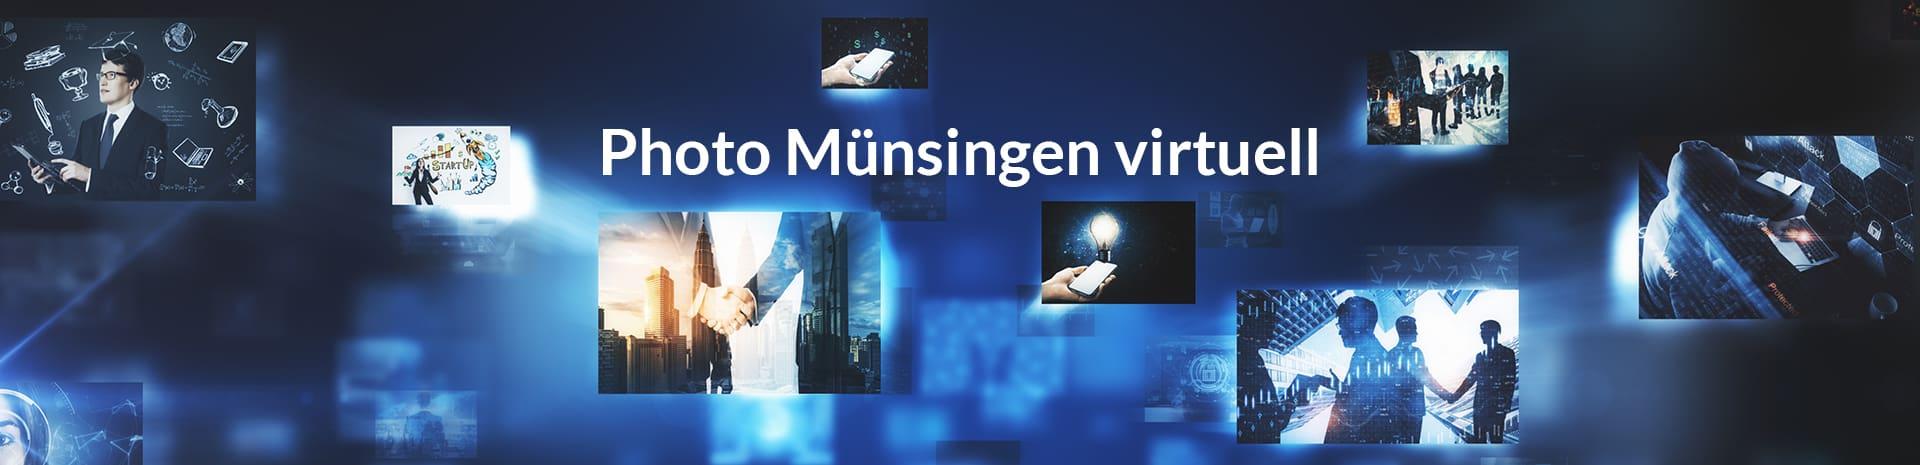 Photo Münsingen virtuell